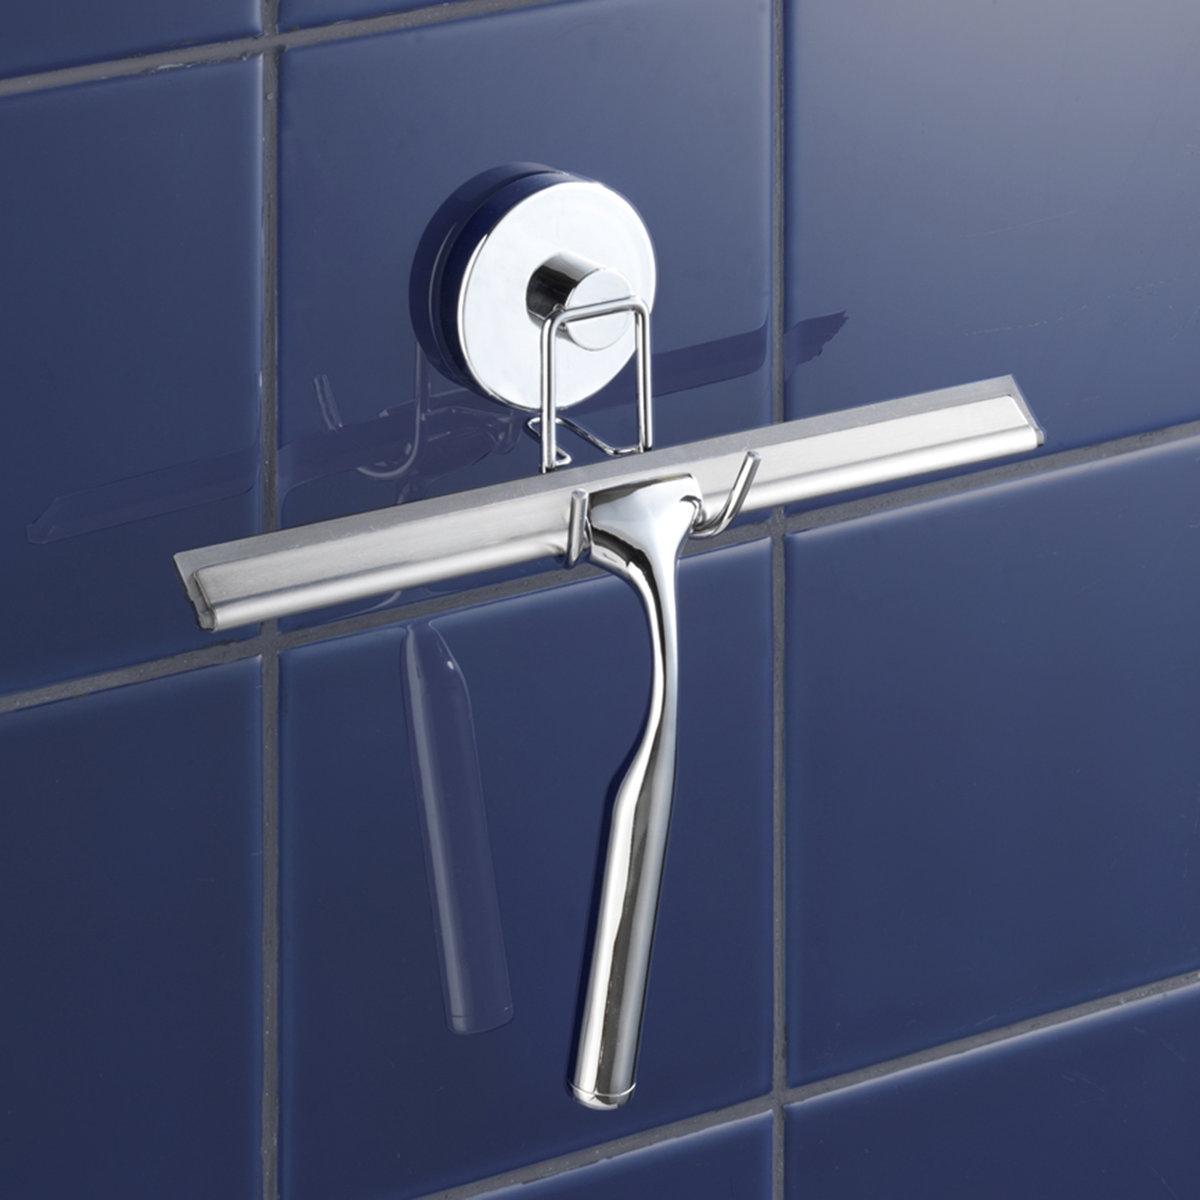 Скребок для перегородки ванной комнатыСкребок для перегородки ванной комнаты крепится к гладкой поверхности. Хромированная сталь. Очень практичный аксессуар для ванной.  Система Vacuum- Loc: Крепление без саморезов, болтов и сверления. Воздух всасывается с помощью маленького насоса. Таким образом, изделие прочно и надолго крепится к поверхностям, закрытым от проникновения воздуха. Можно снимать и снова крепить его, не оставляя следов.Размеры скребка:25 x 23 x 6,5 см<br><br>Цвет: серебристый